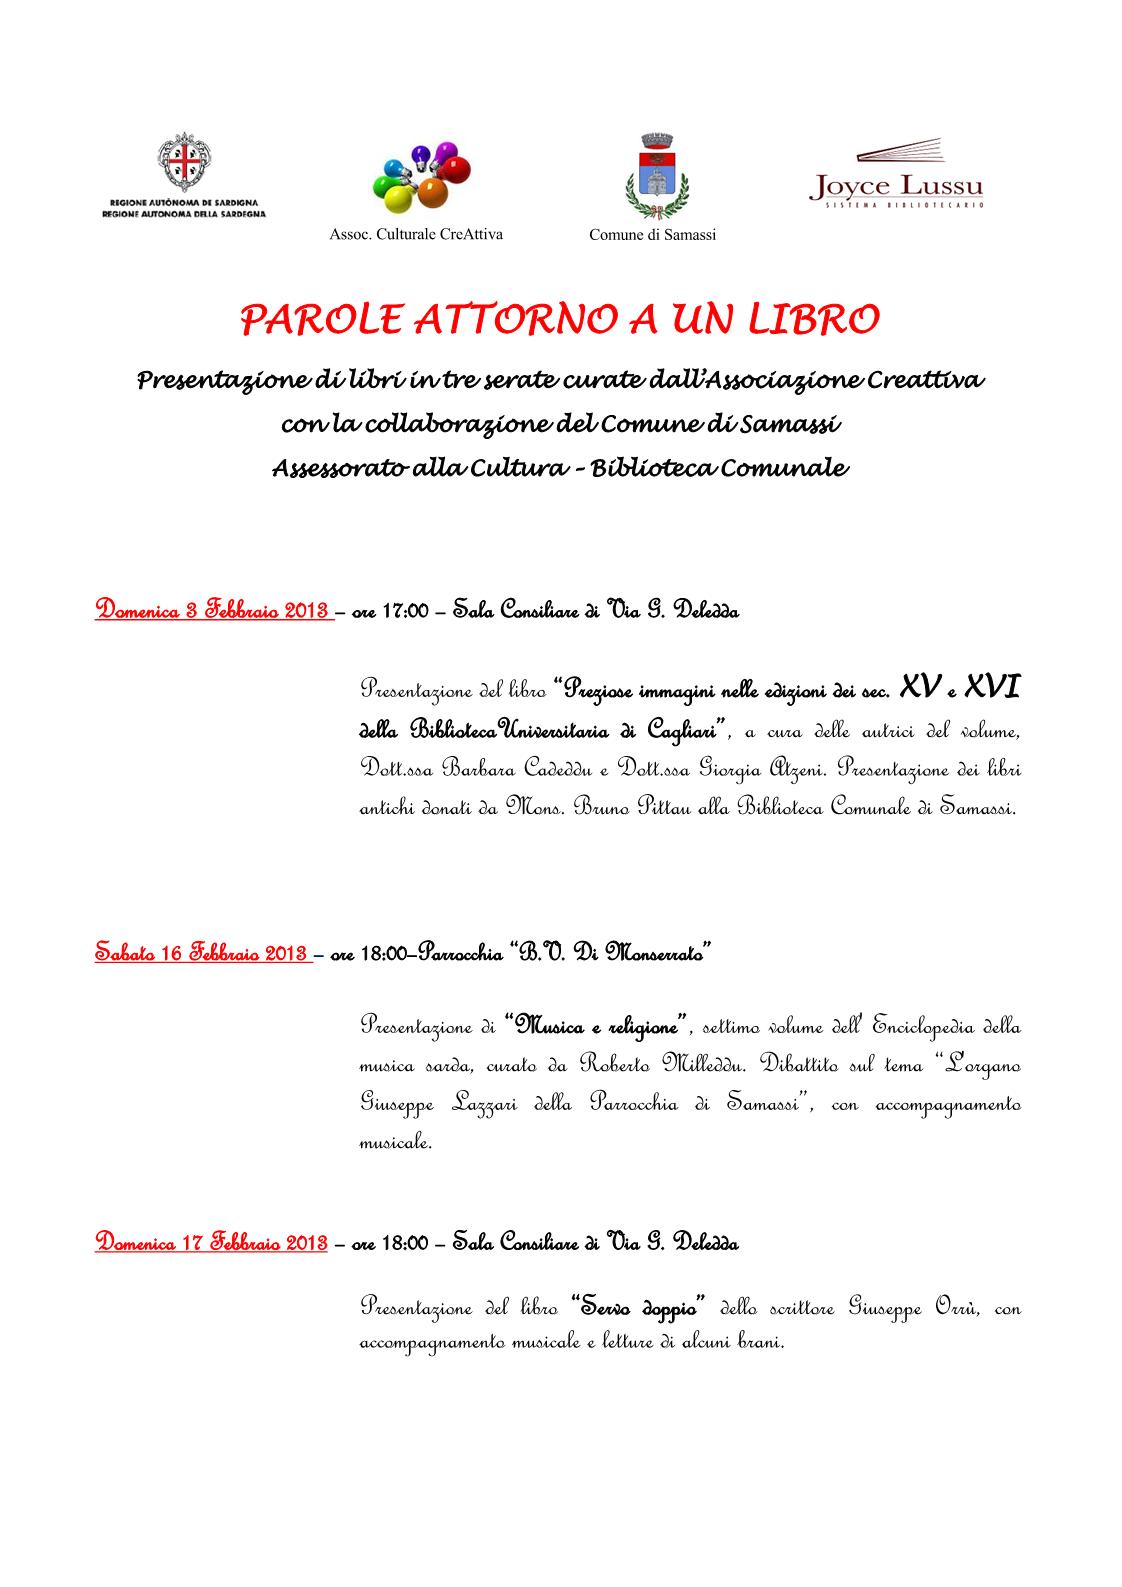 """""""Parole attorno a un libro"""", tre serate letterarie, dal 3 al 17 febbraio 2013, Samassi"""